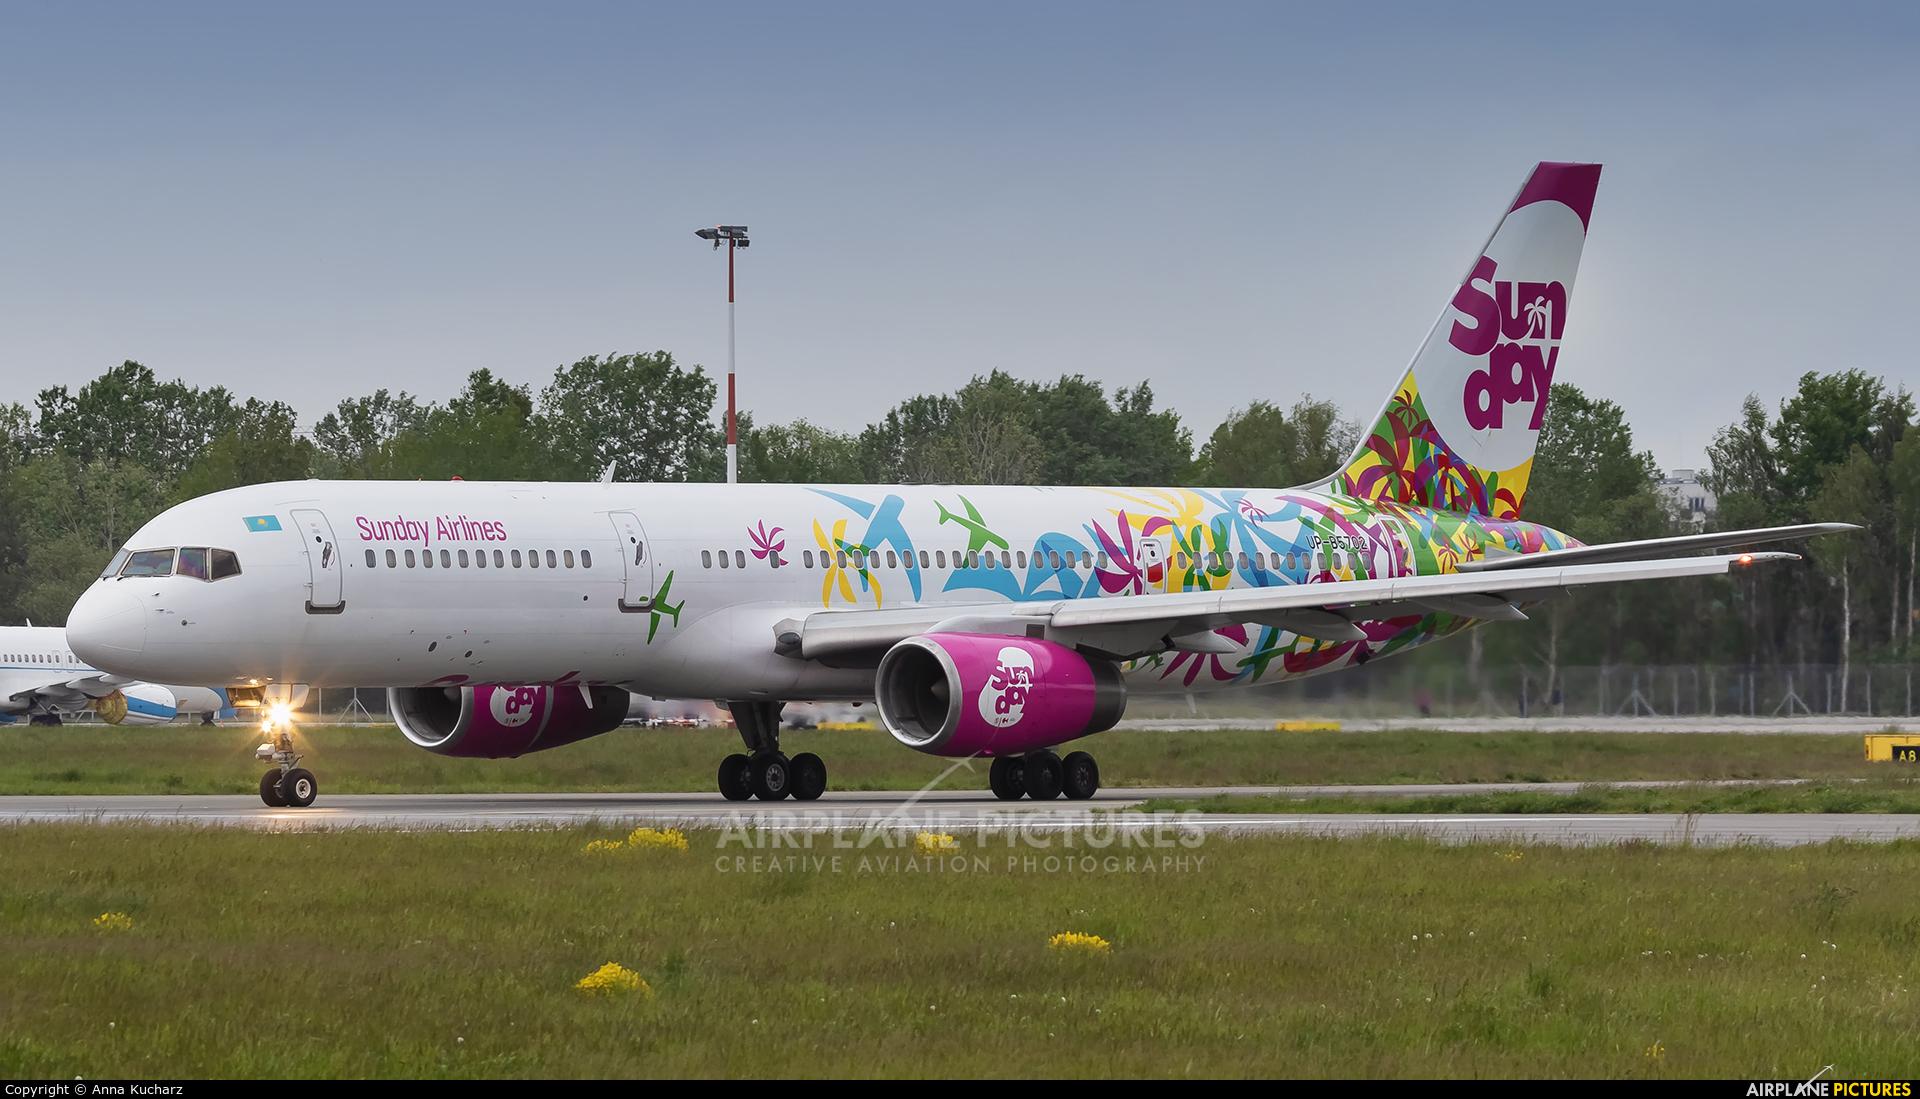 Sunday UR-B5702 aircraft at Warsaw - Frederic Chopin